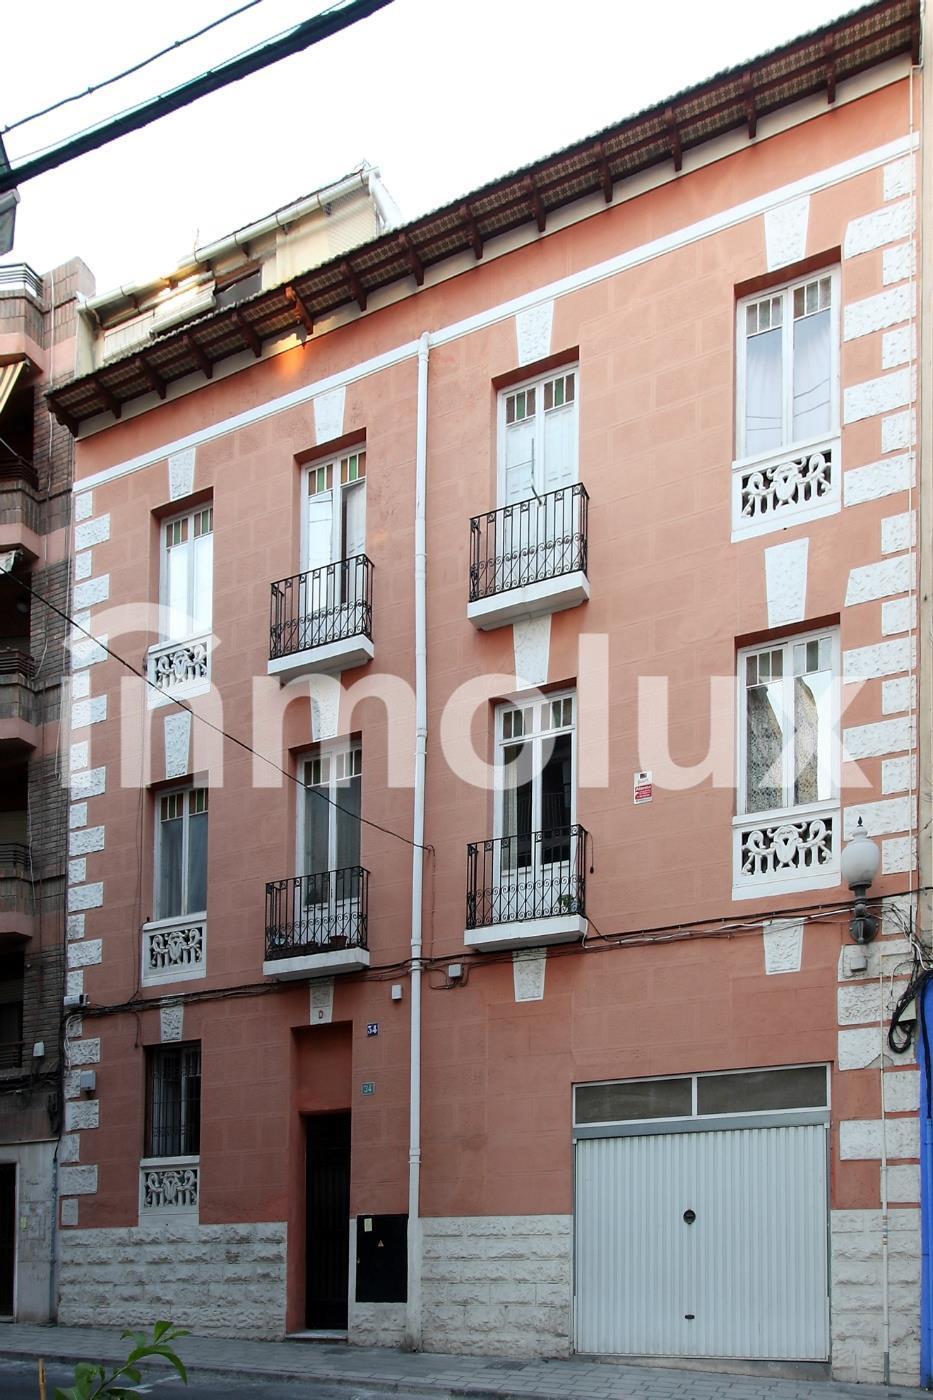 Edificio  en Alicante Carolinas Bajas -  - >  €